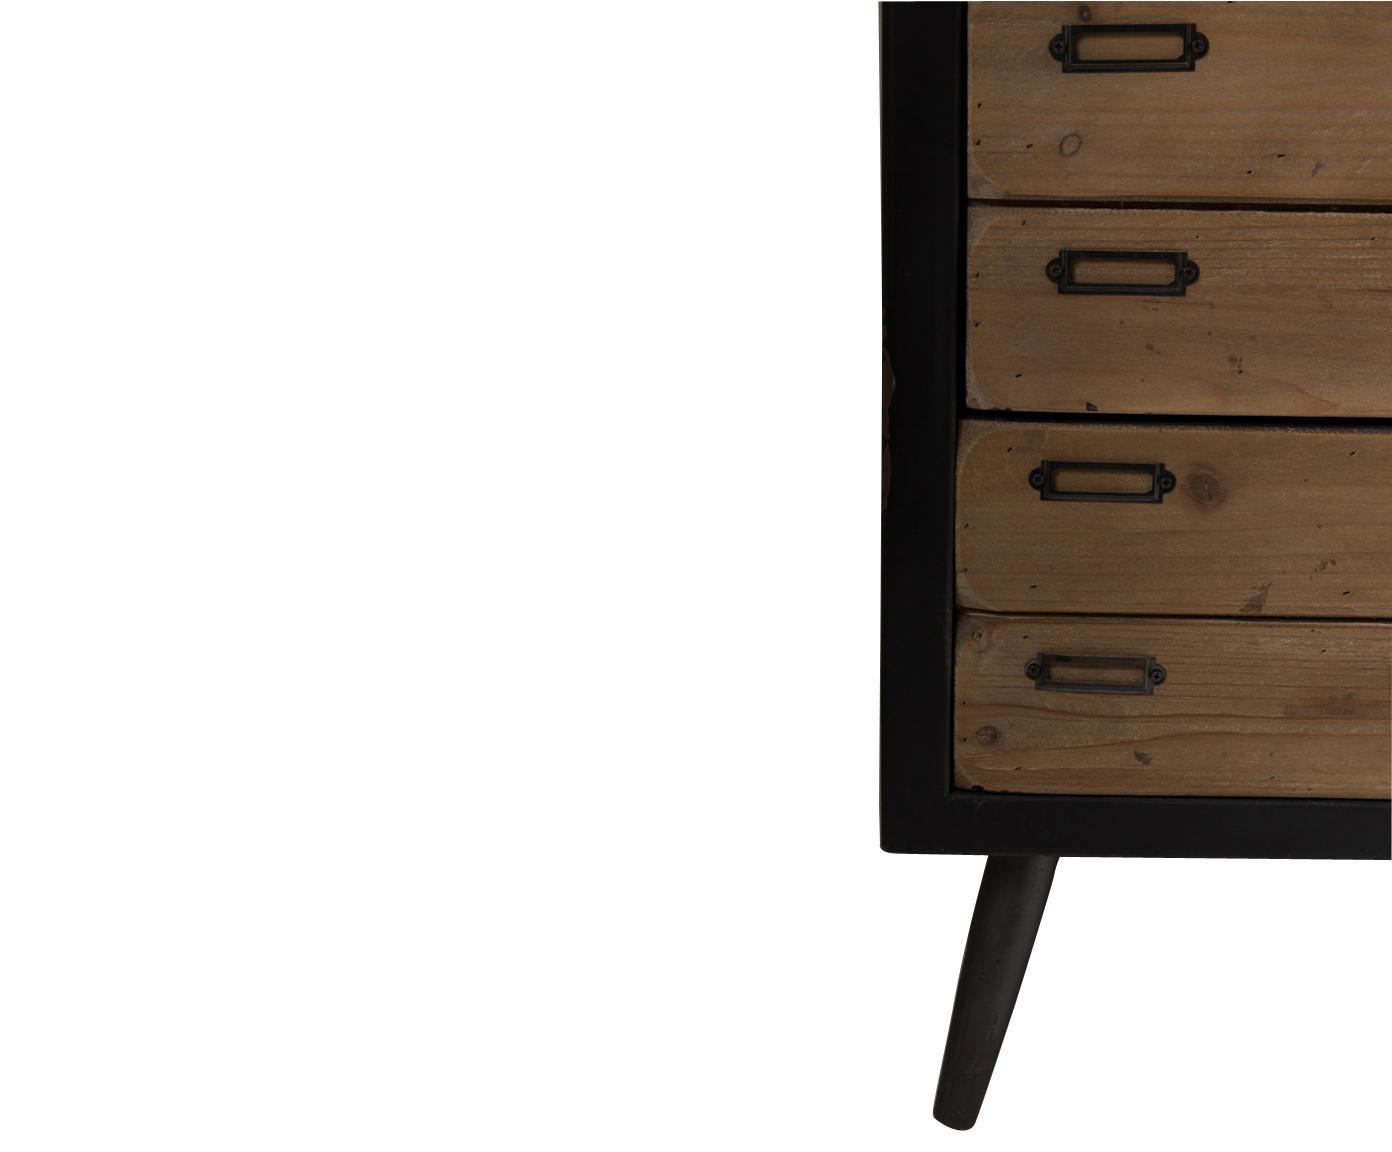 Szafka industrial Sol, Korpus: płyta pilśniowa, lakierow, Czarny, drewno sosnowe, S 55 x W 80 cm